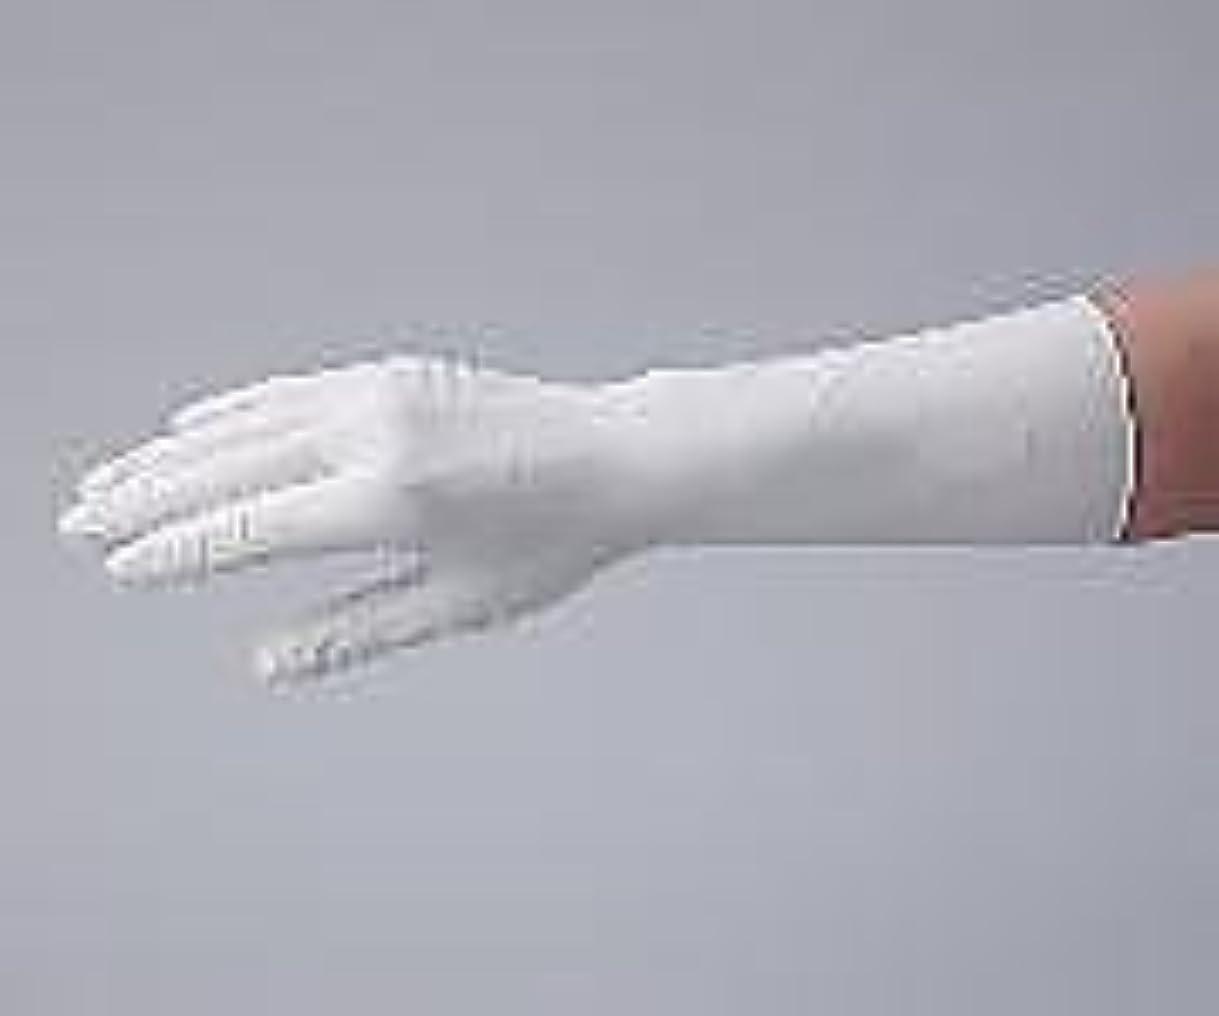 消去一目粘土アズピュア(アズワン)1-2324-55アズピュアクリーンファーストニトリル手袋(ペアタイプ)クリーンパックXL左右各50枚×10袋入